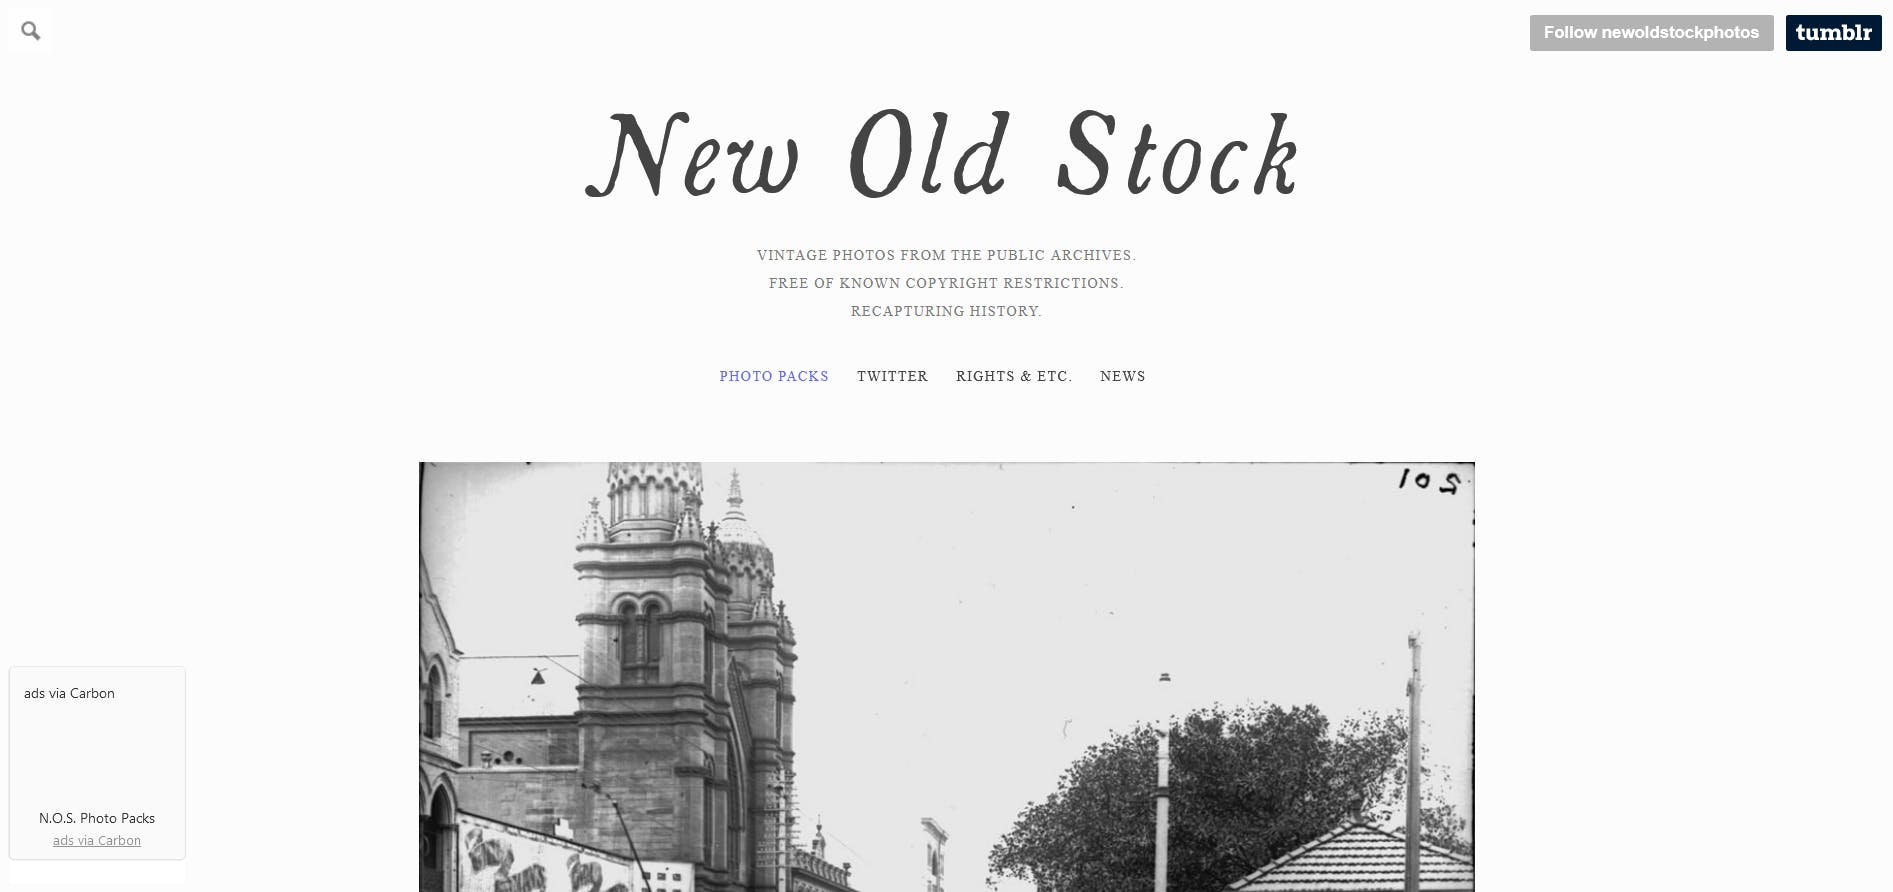 Screenshot 2021-04-29 at 21-03-53 New Old Stock.png